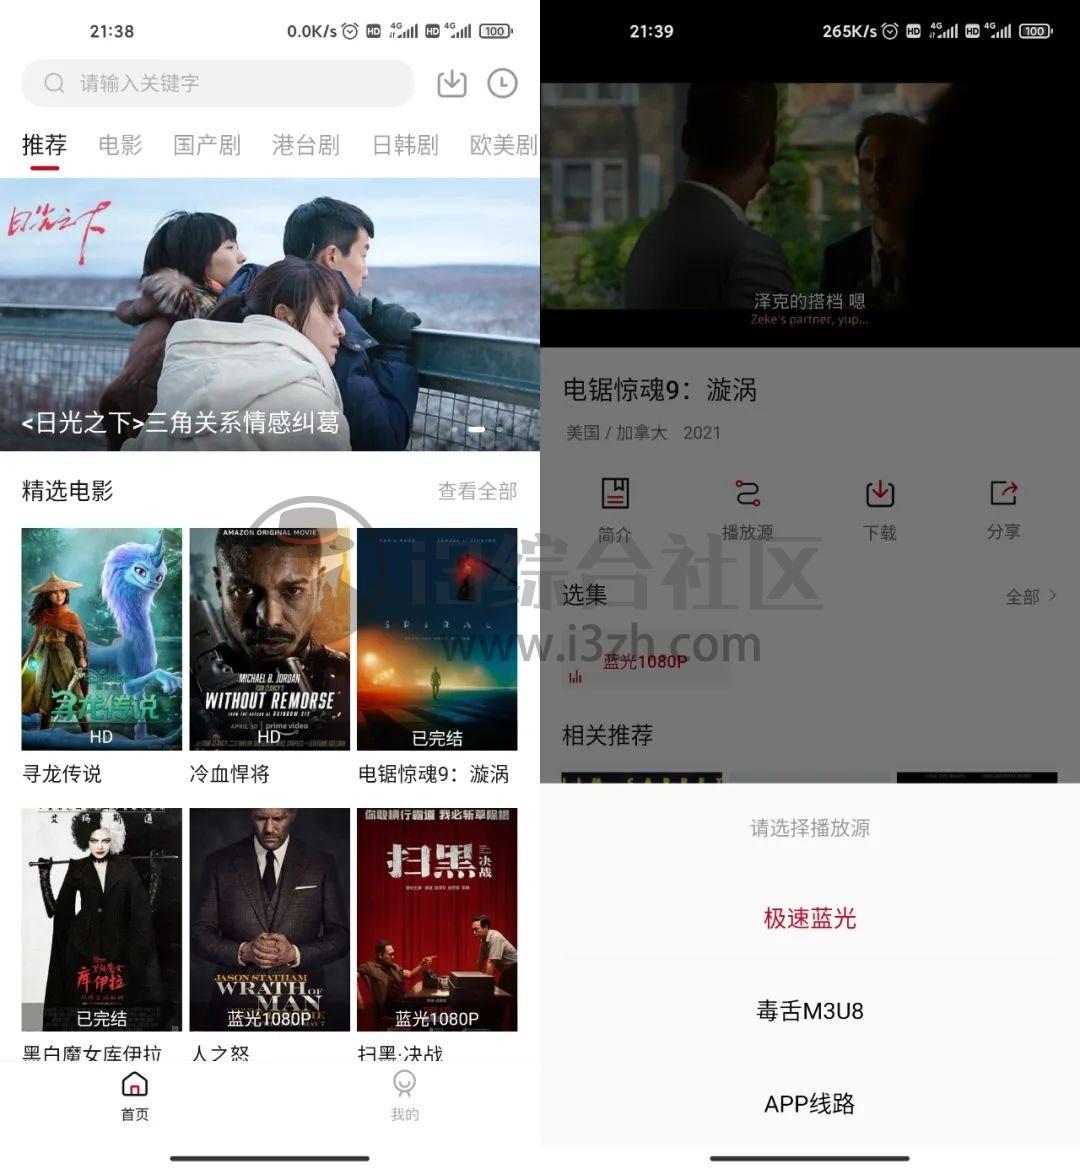 毒舌电影App,拥有独家1080P高清线路,已上架TestFlight!-i3综合社区